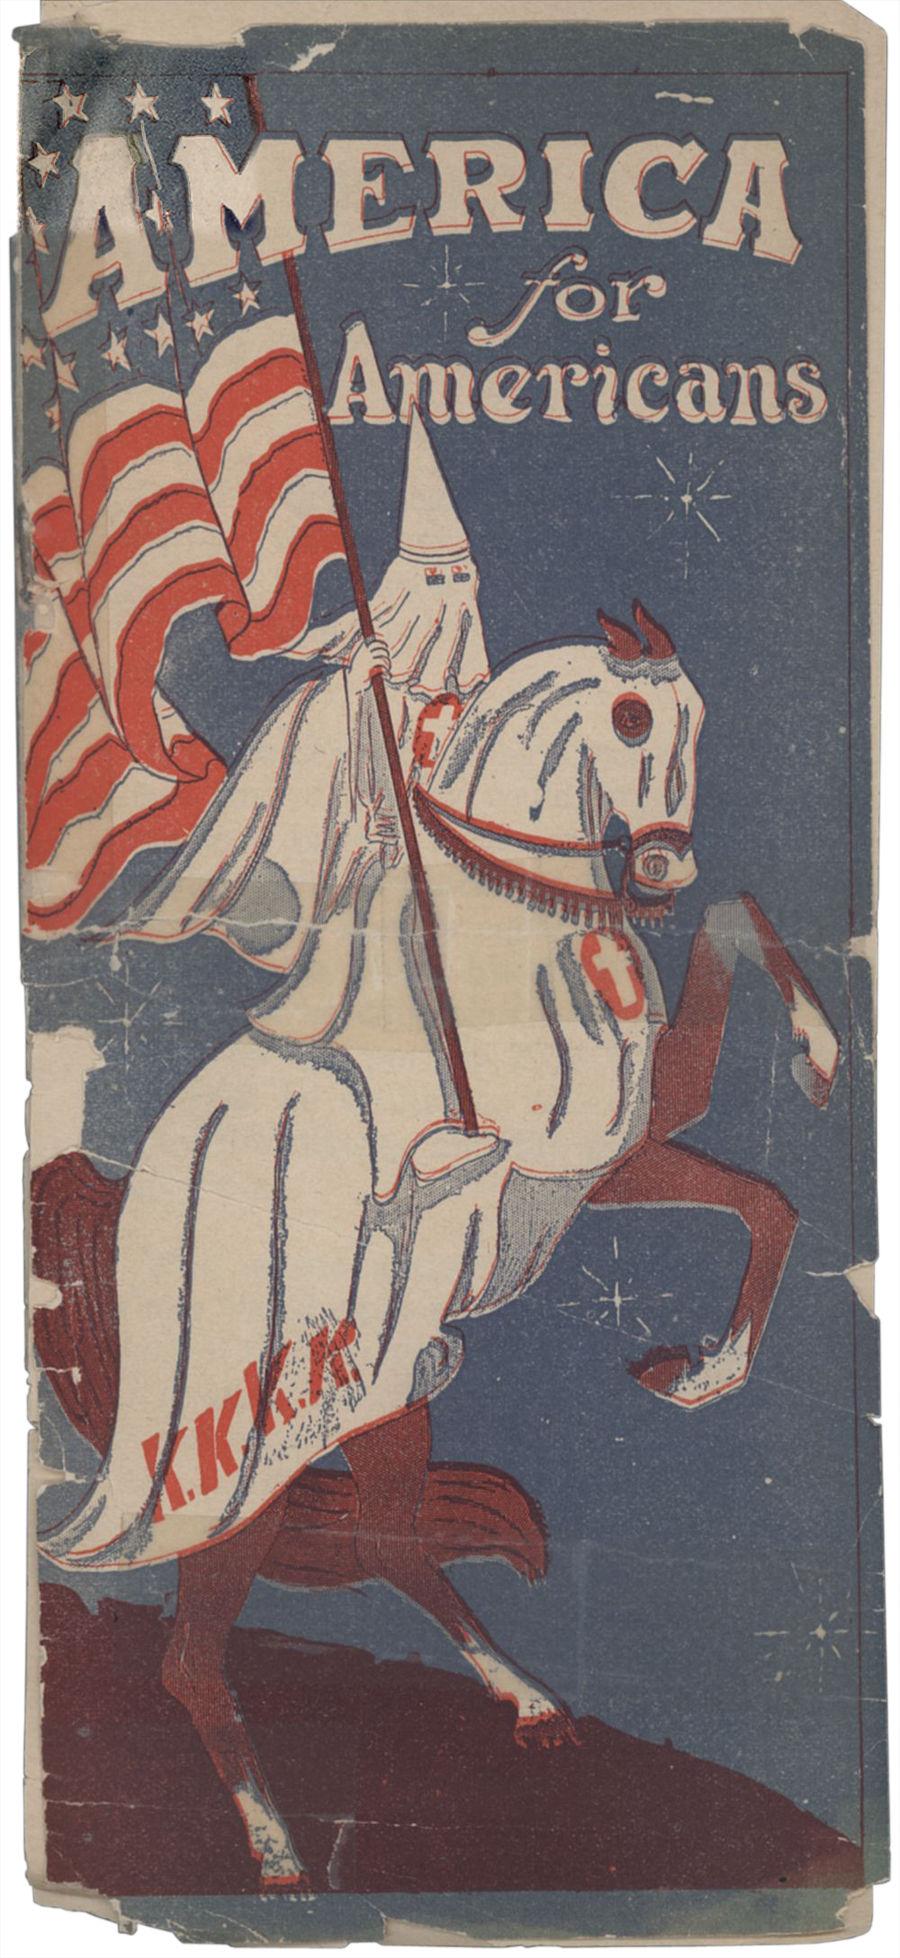 KKK pamphlet from 1920s